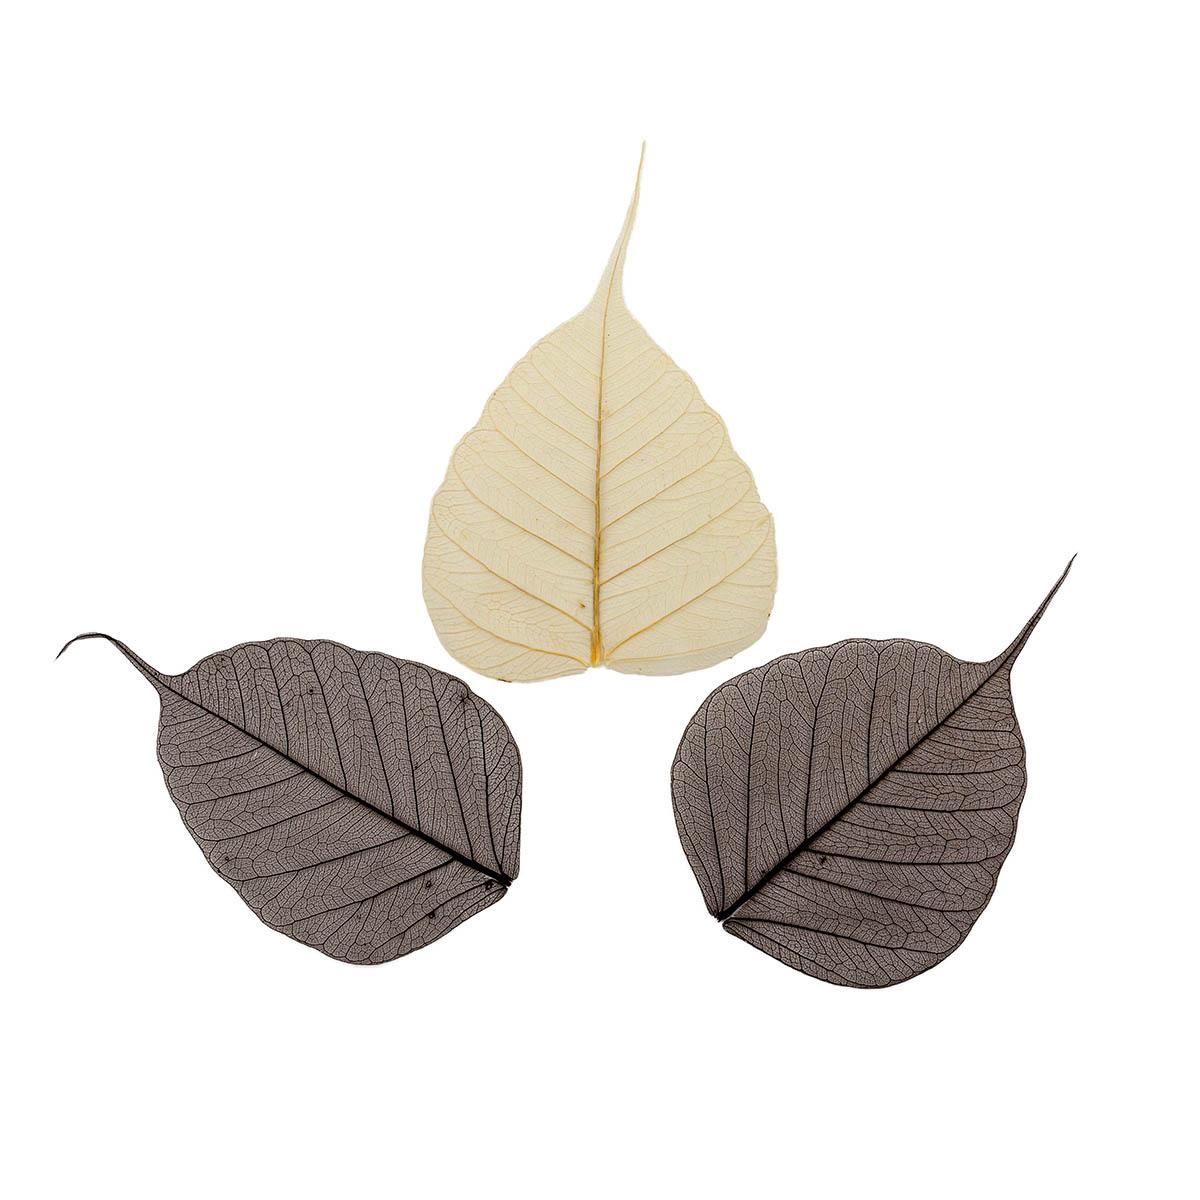 SCB300509 Скелетированные листочки из бананового дерева, коричневый, упак./8 шт., ScrapBerry's